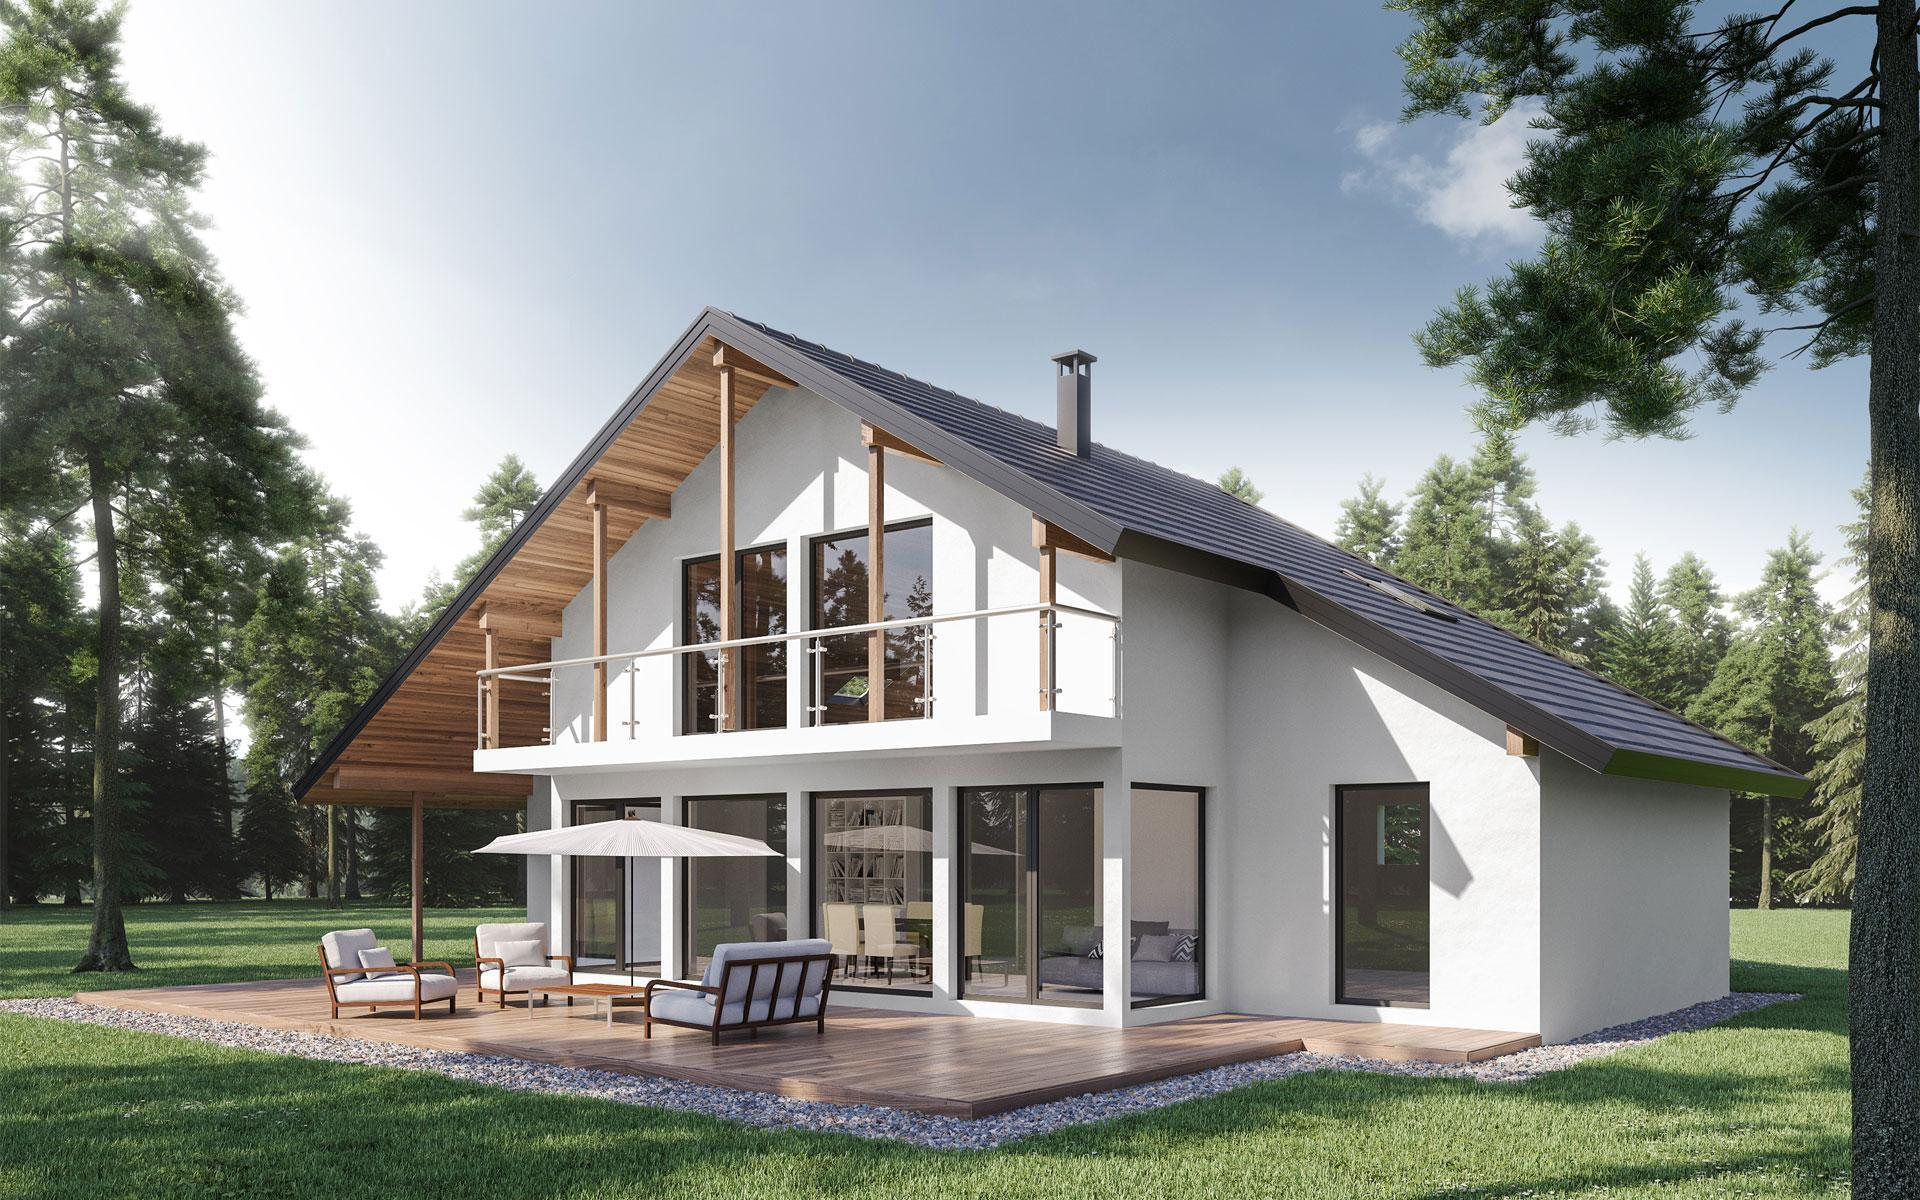 Modèle 3D de maison individuelle en bois - Séquoïa par Olry Bois